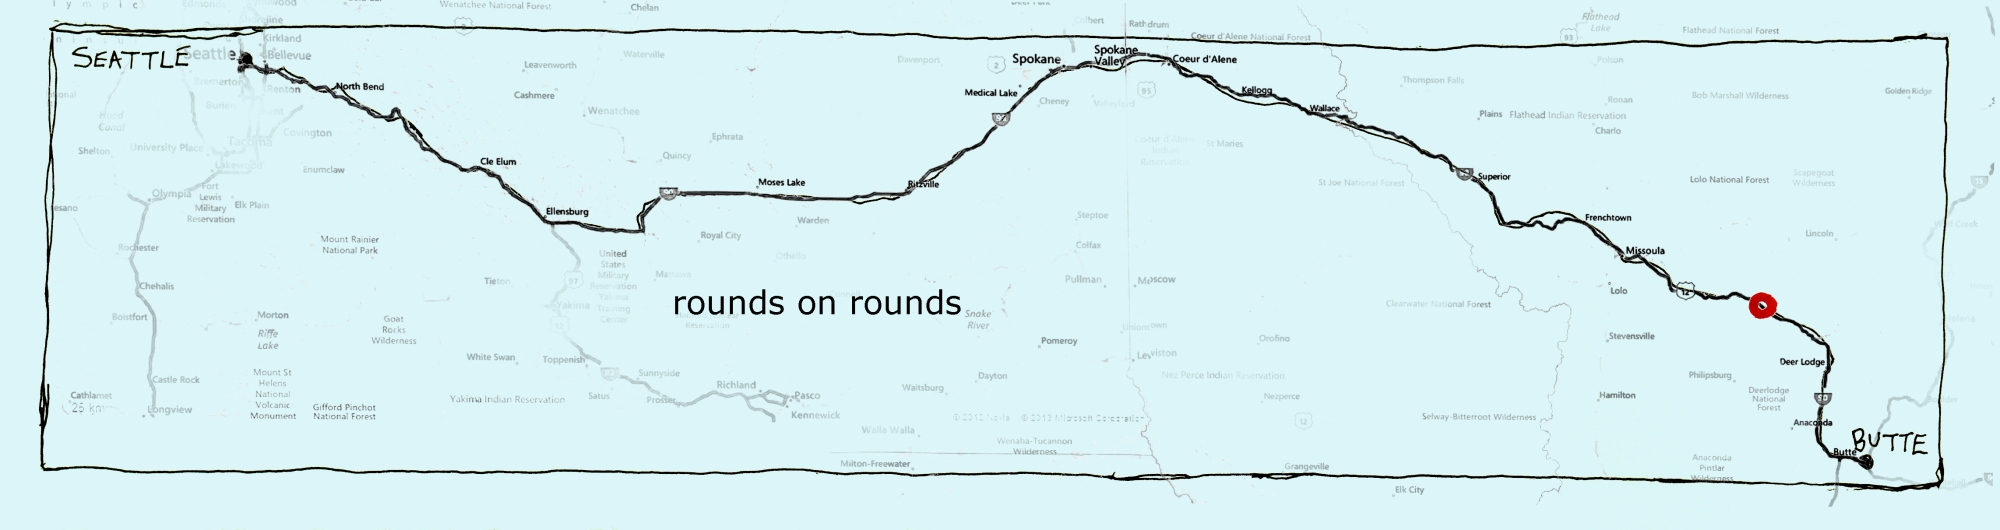 476 map